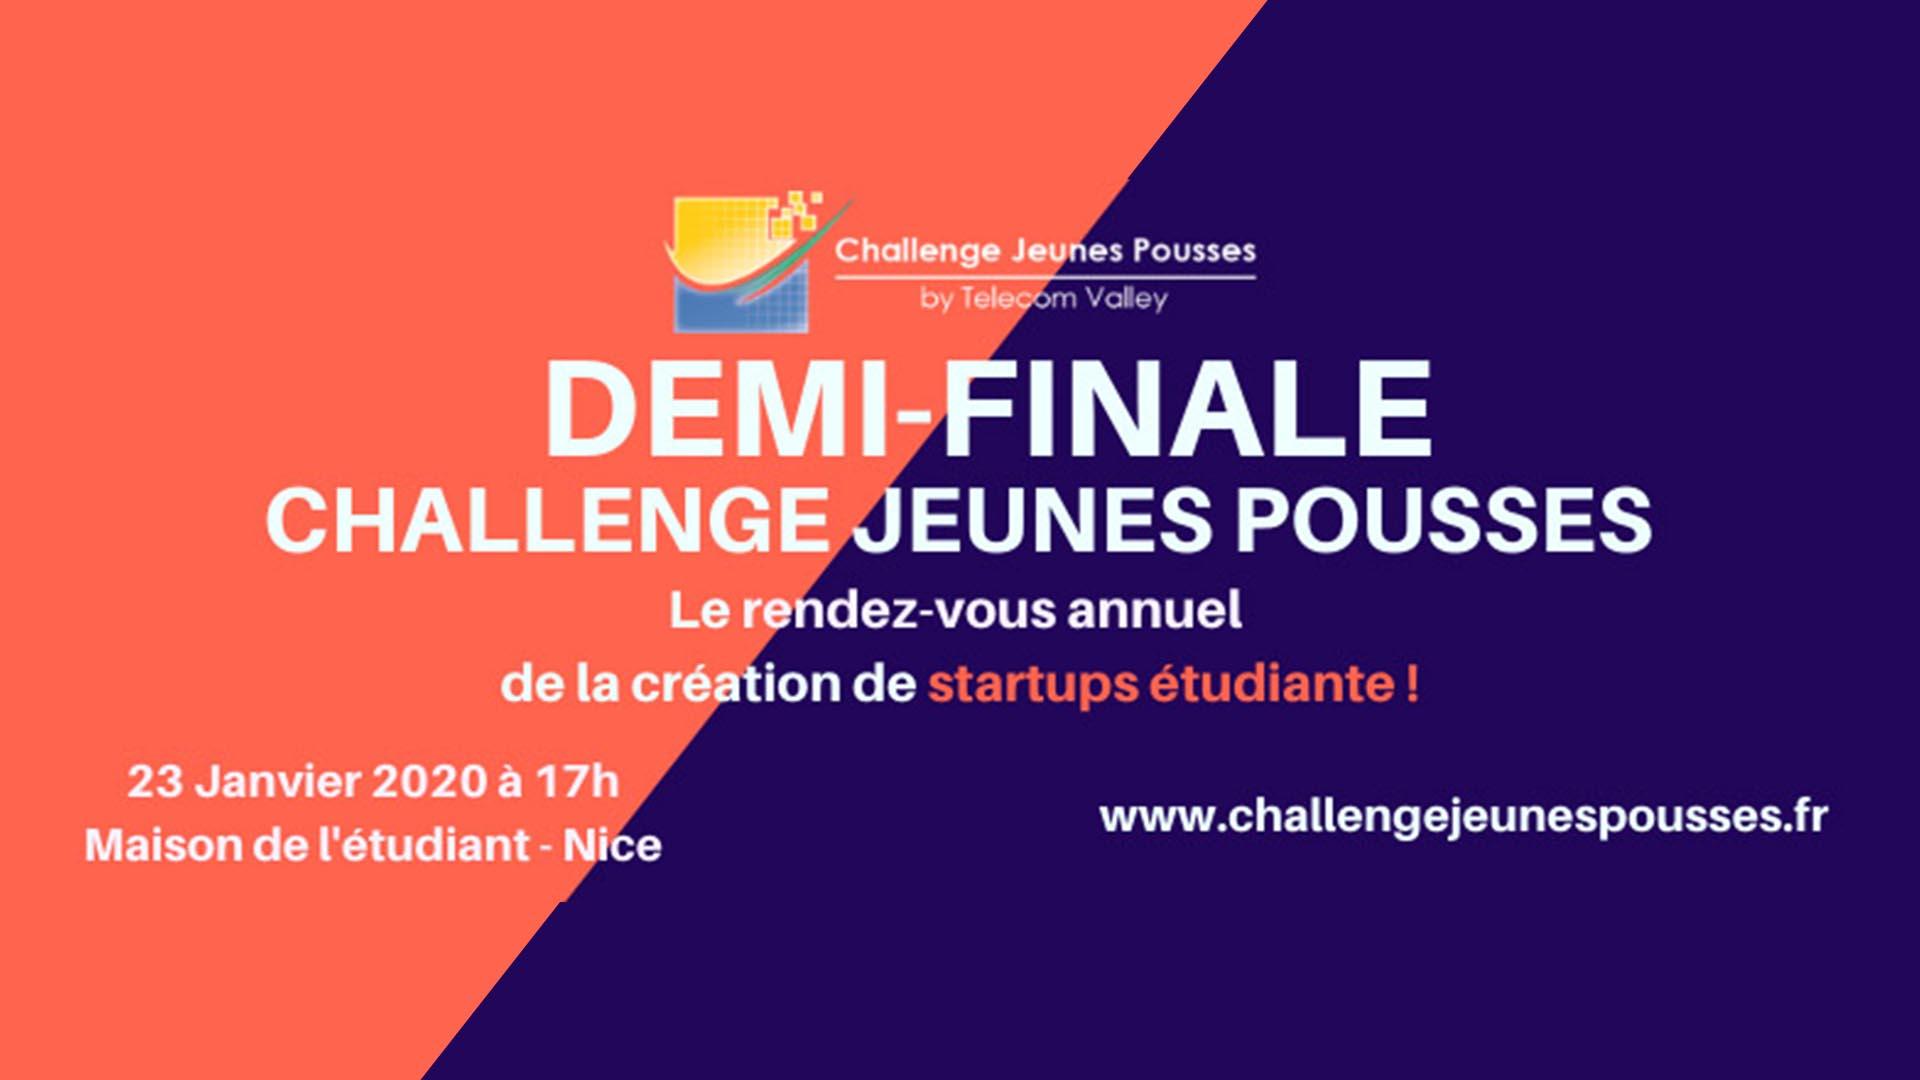 Challenge Jeunes Pousses 2020 contest